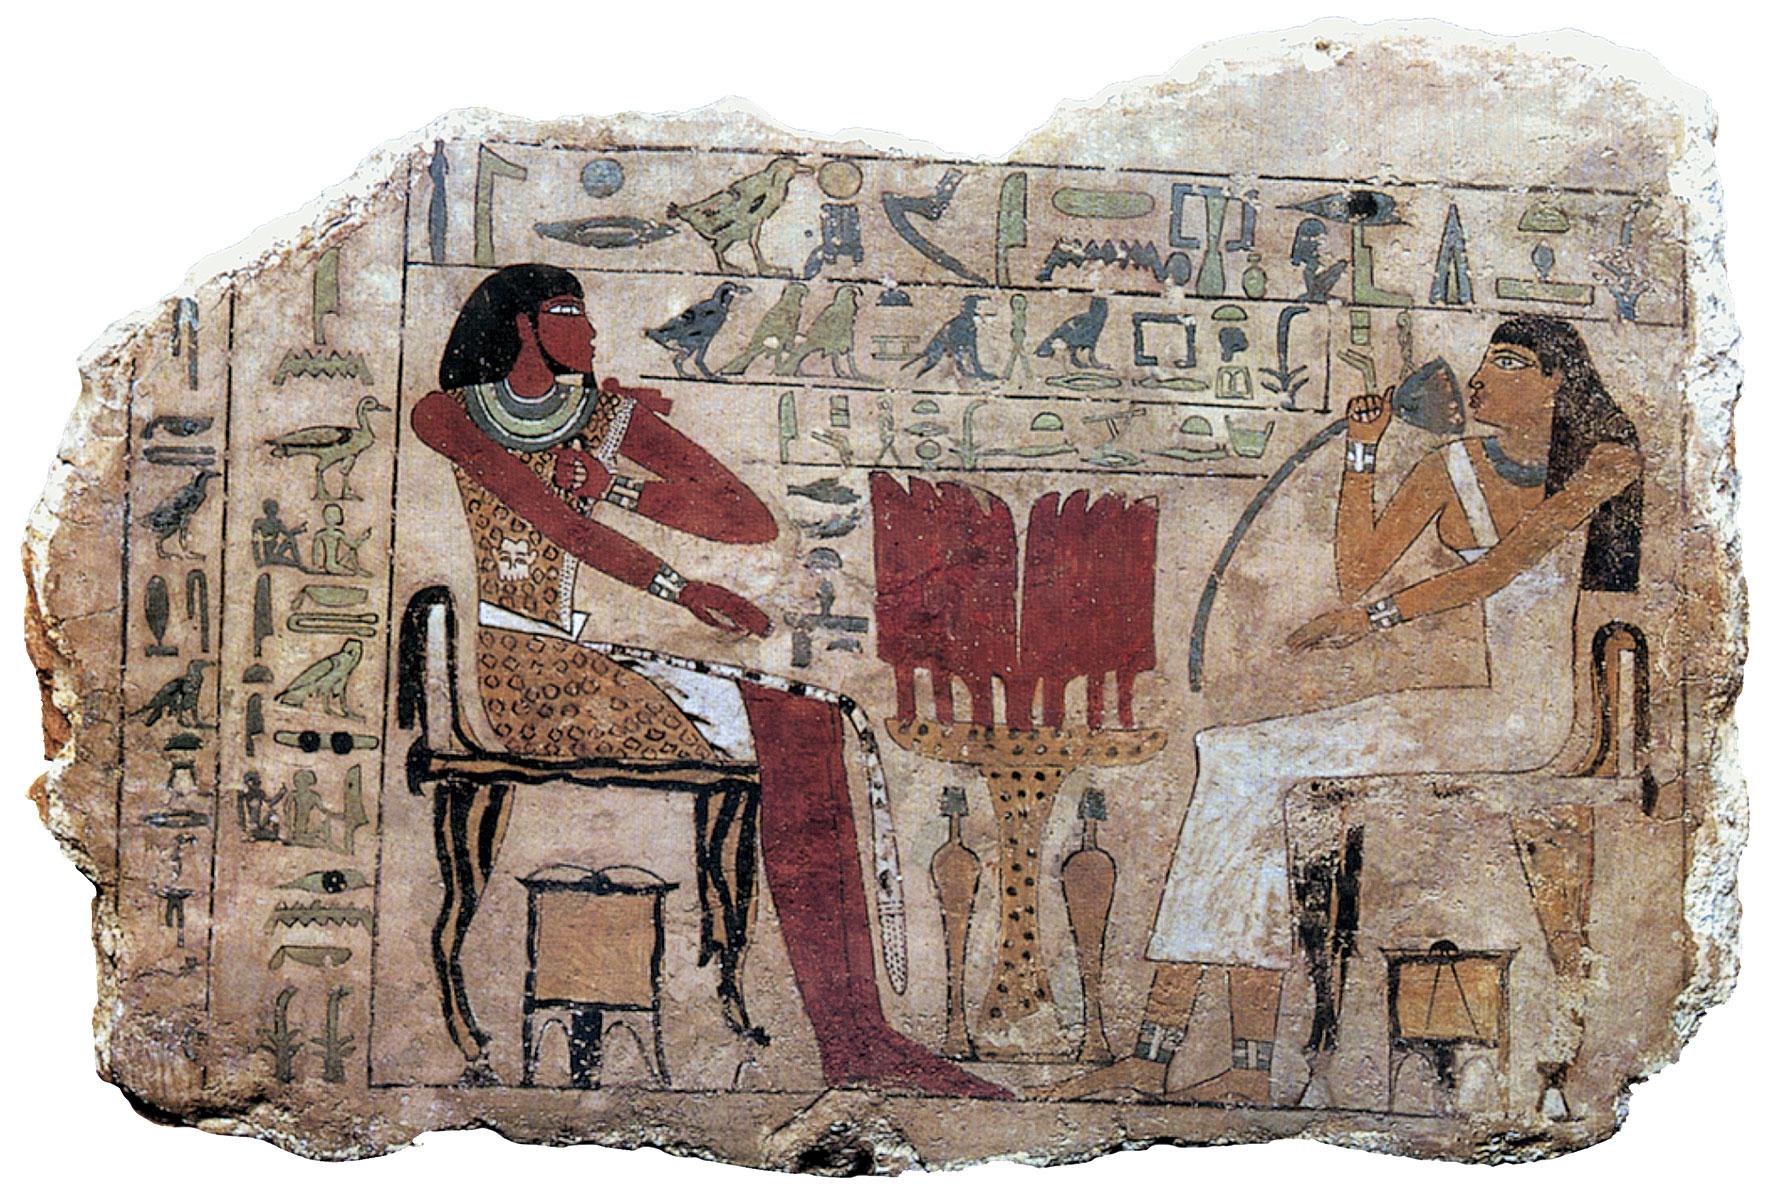 Grabstele des Nemti-ui, Ägypten, wohl aus Achmim, 1. Zwischenzeit um 2100 v. Chr., 40,5 × 58 × 5,4 cm; Roemer- und Pelizaeus-Museum, Hildesheim